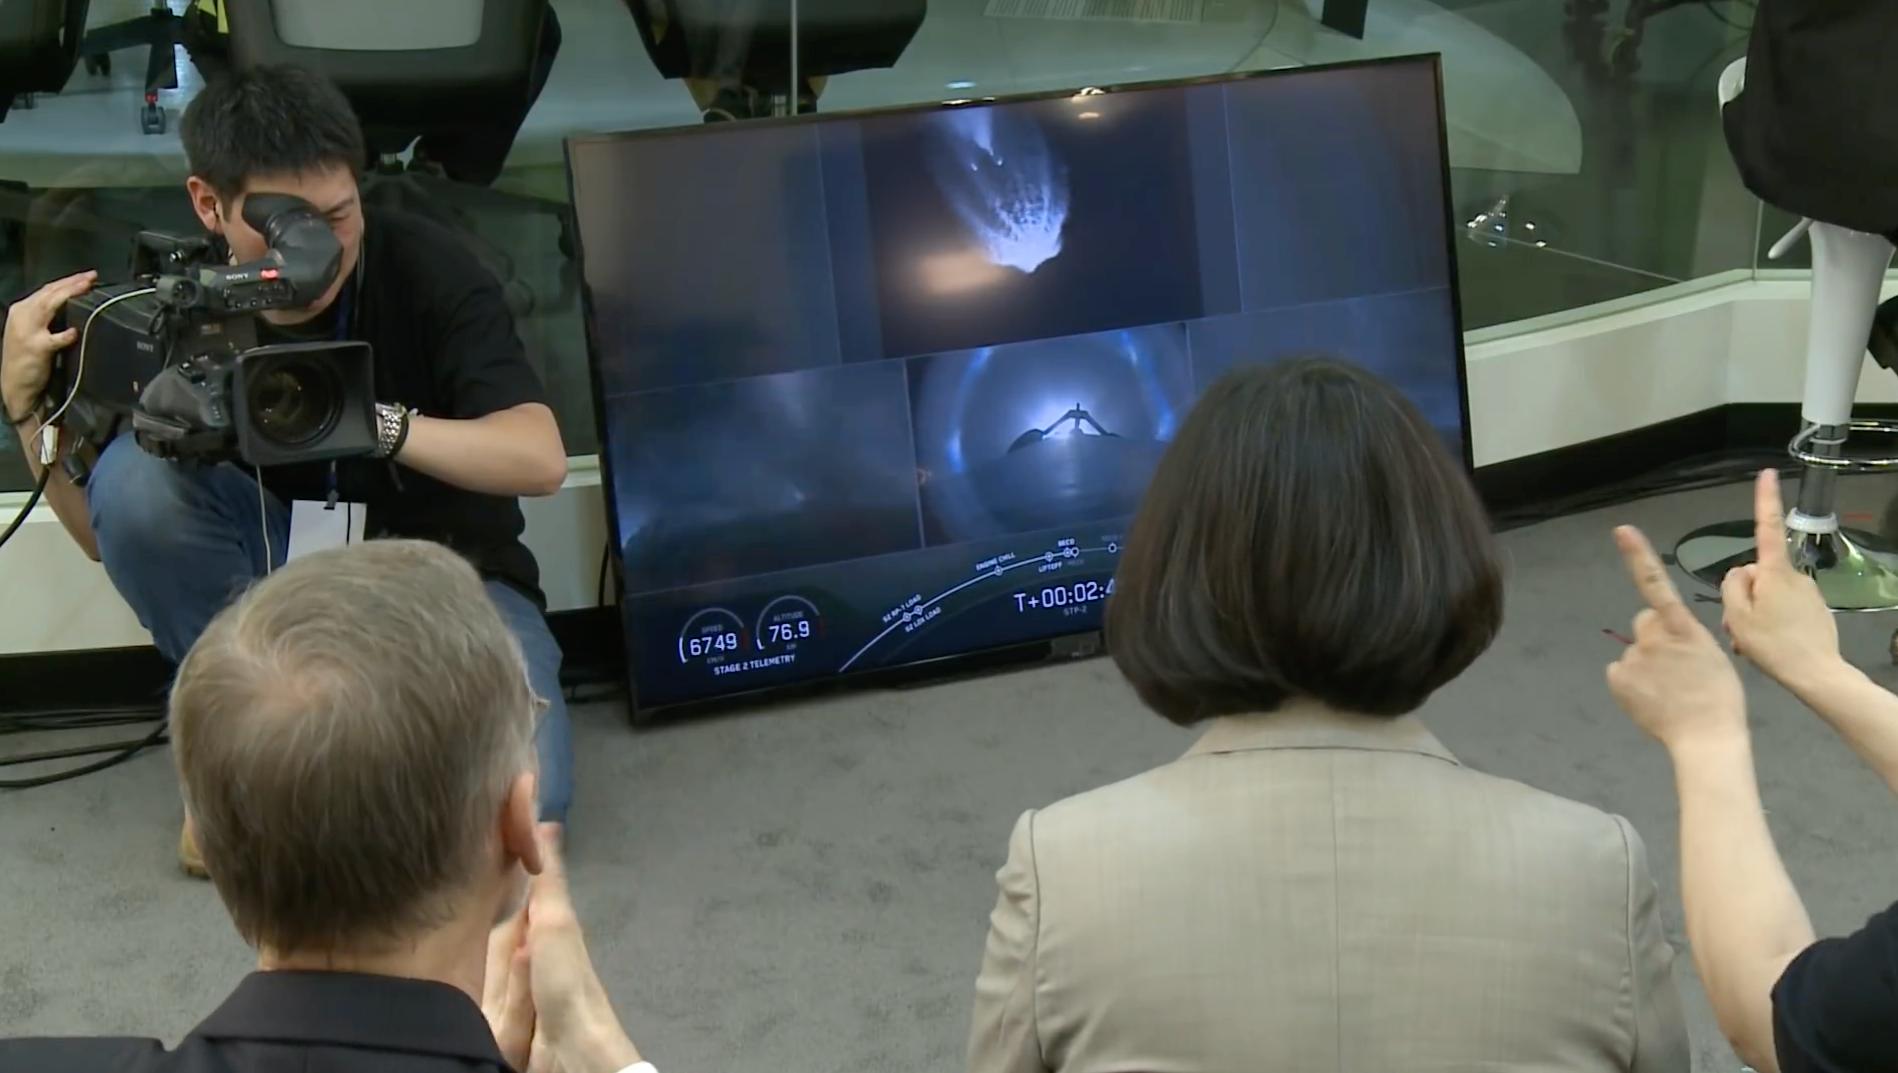 蔡英文总统与美国在台协会处长郦英杰在新竹太空中心观看福卫七号升空转播。(总统府视频截图)